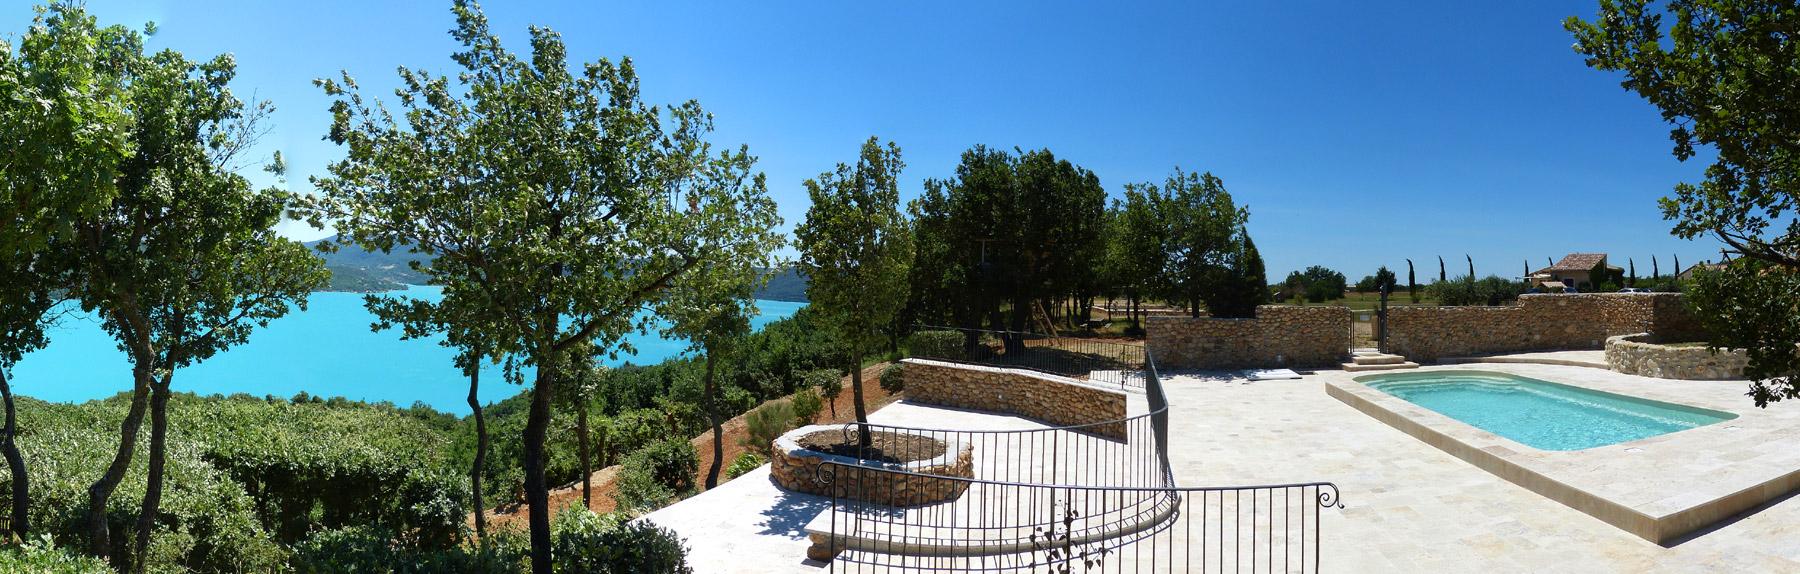 Alpes de haute provence for Location maison avec piscine gorges du verdon